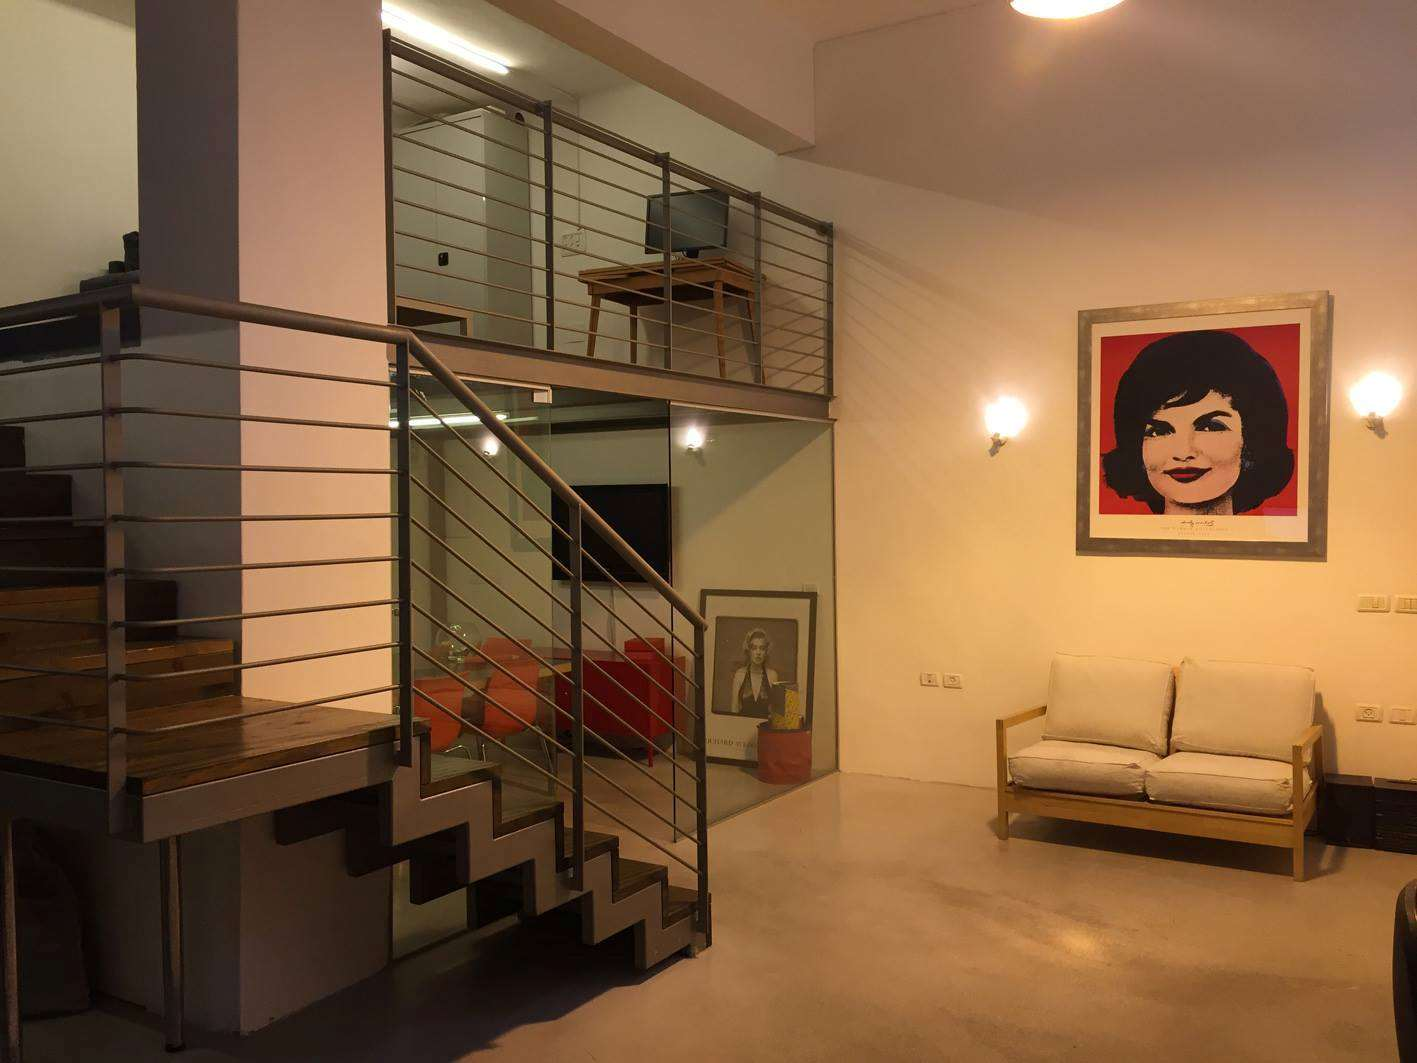 דירת סטודיו להשכרה